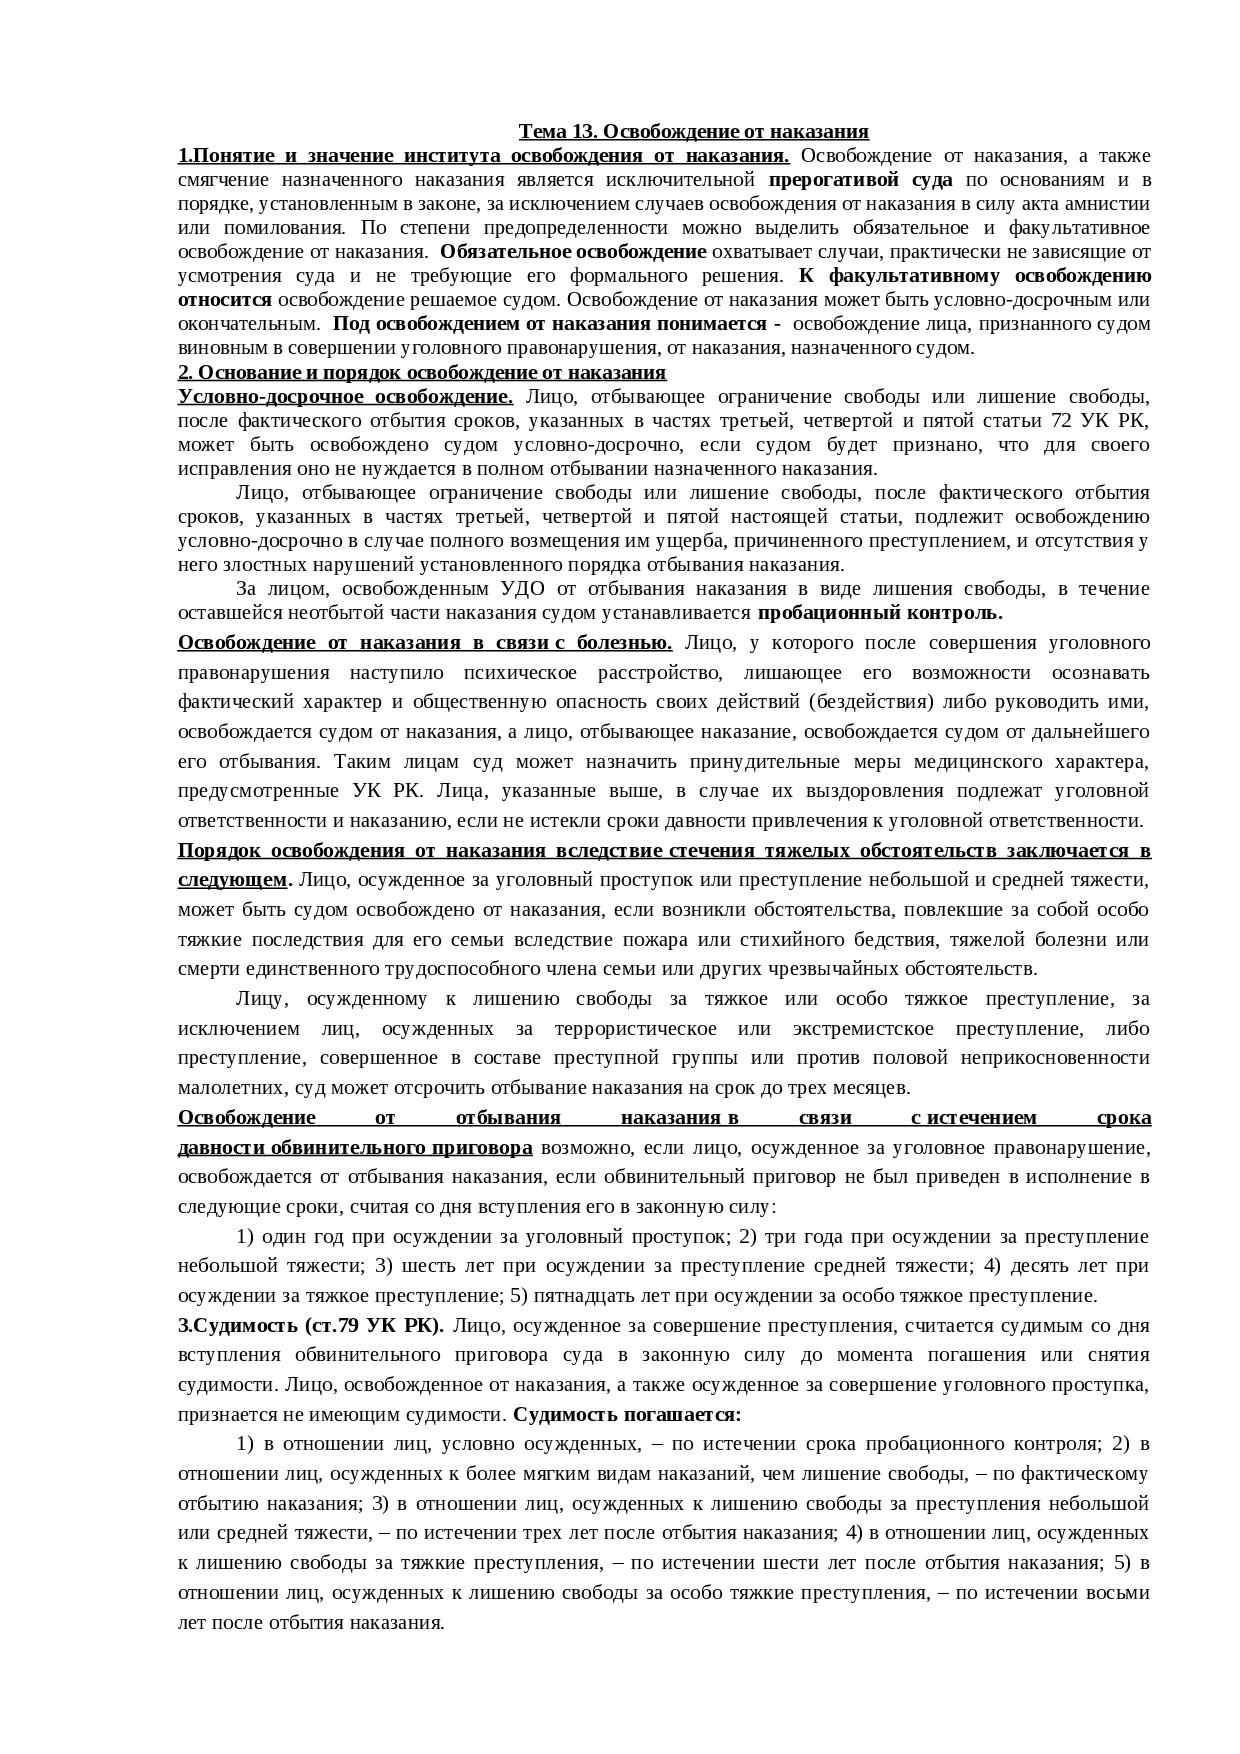 Что такое погашенная судимость по ук рф